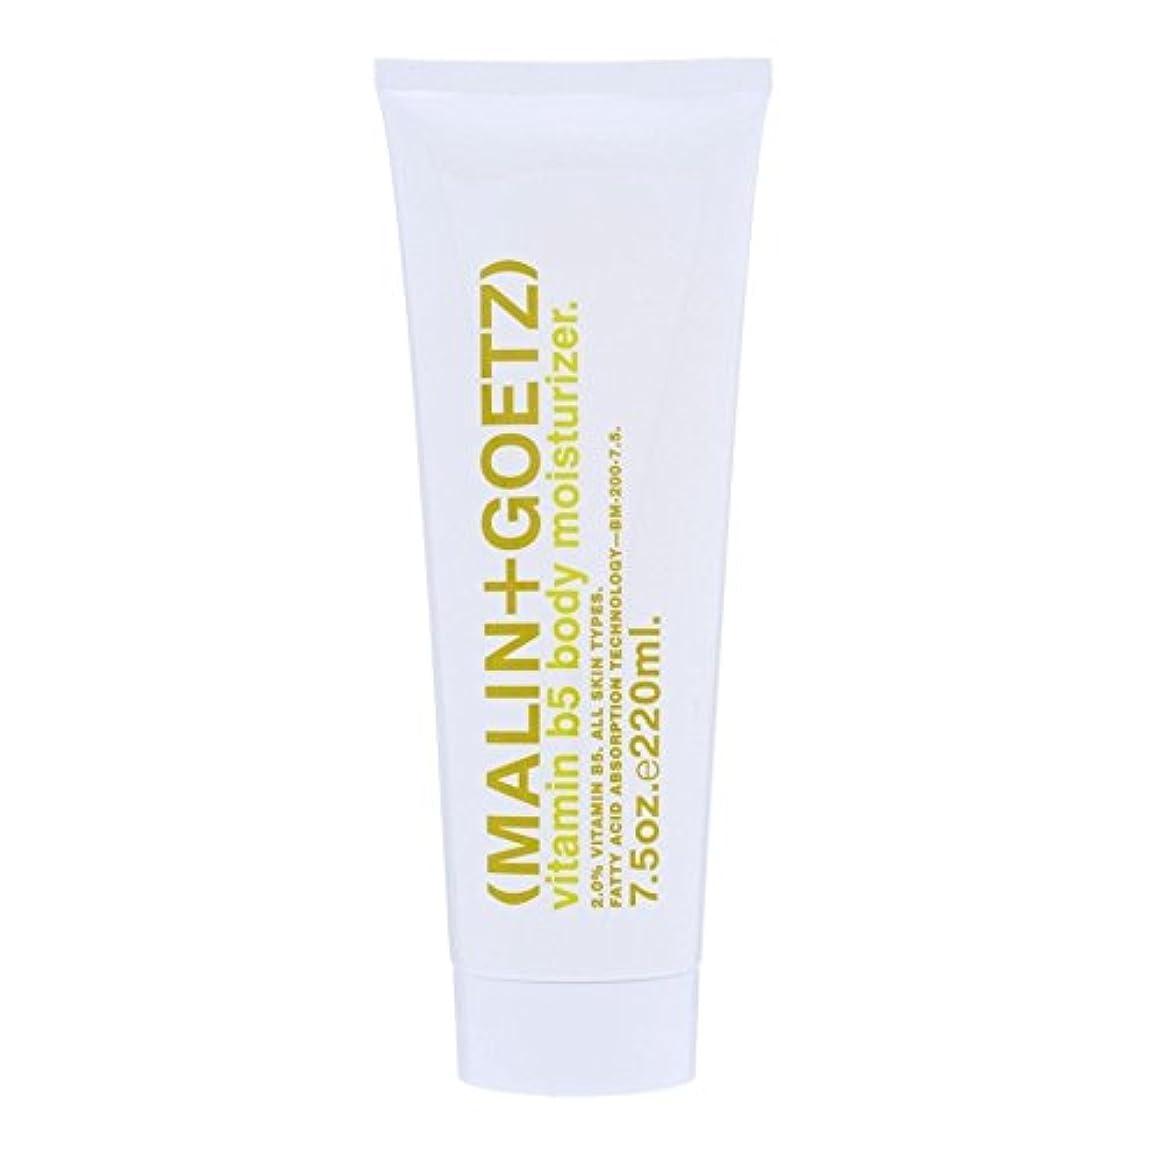 状態ペア余暇(MALIN+GOETZ) Vitamin B5 Body Moisturiser 220ml - (マリン+ゲッツ)ビタミン5ボディモイスチャライザーの220ミリリットル [並行輸入品]